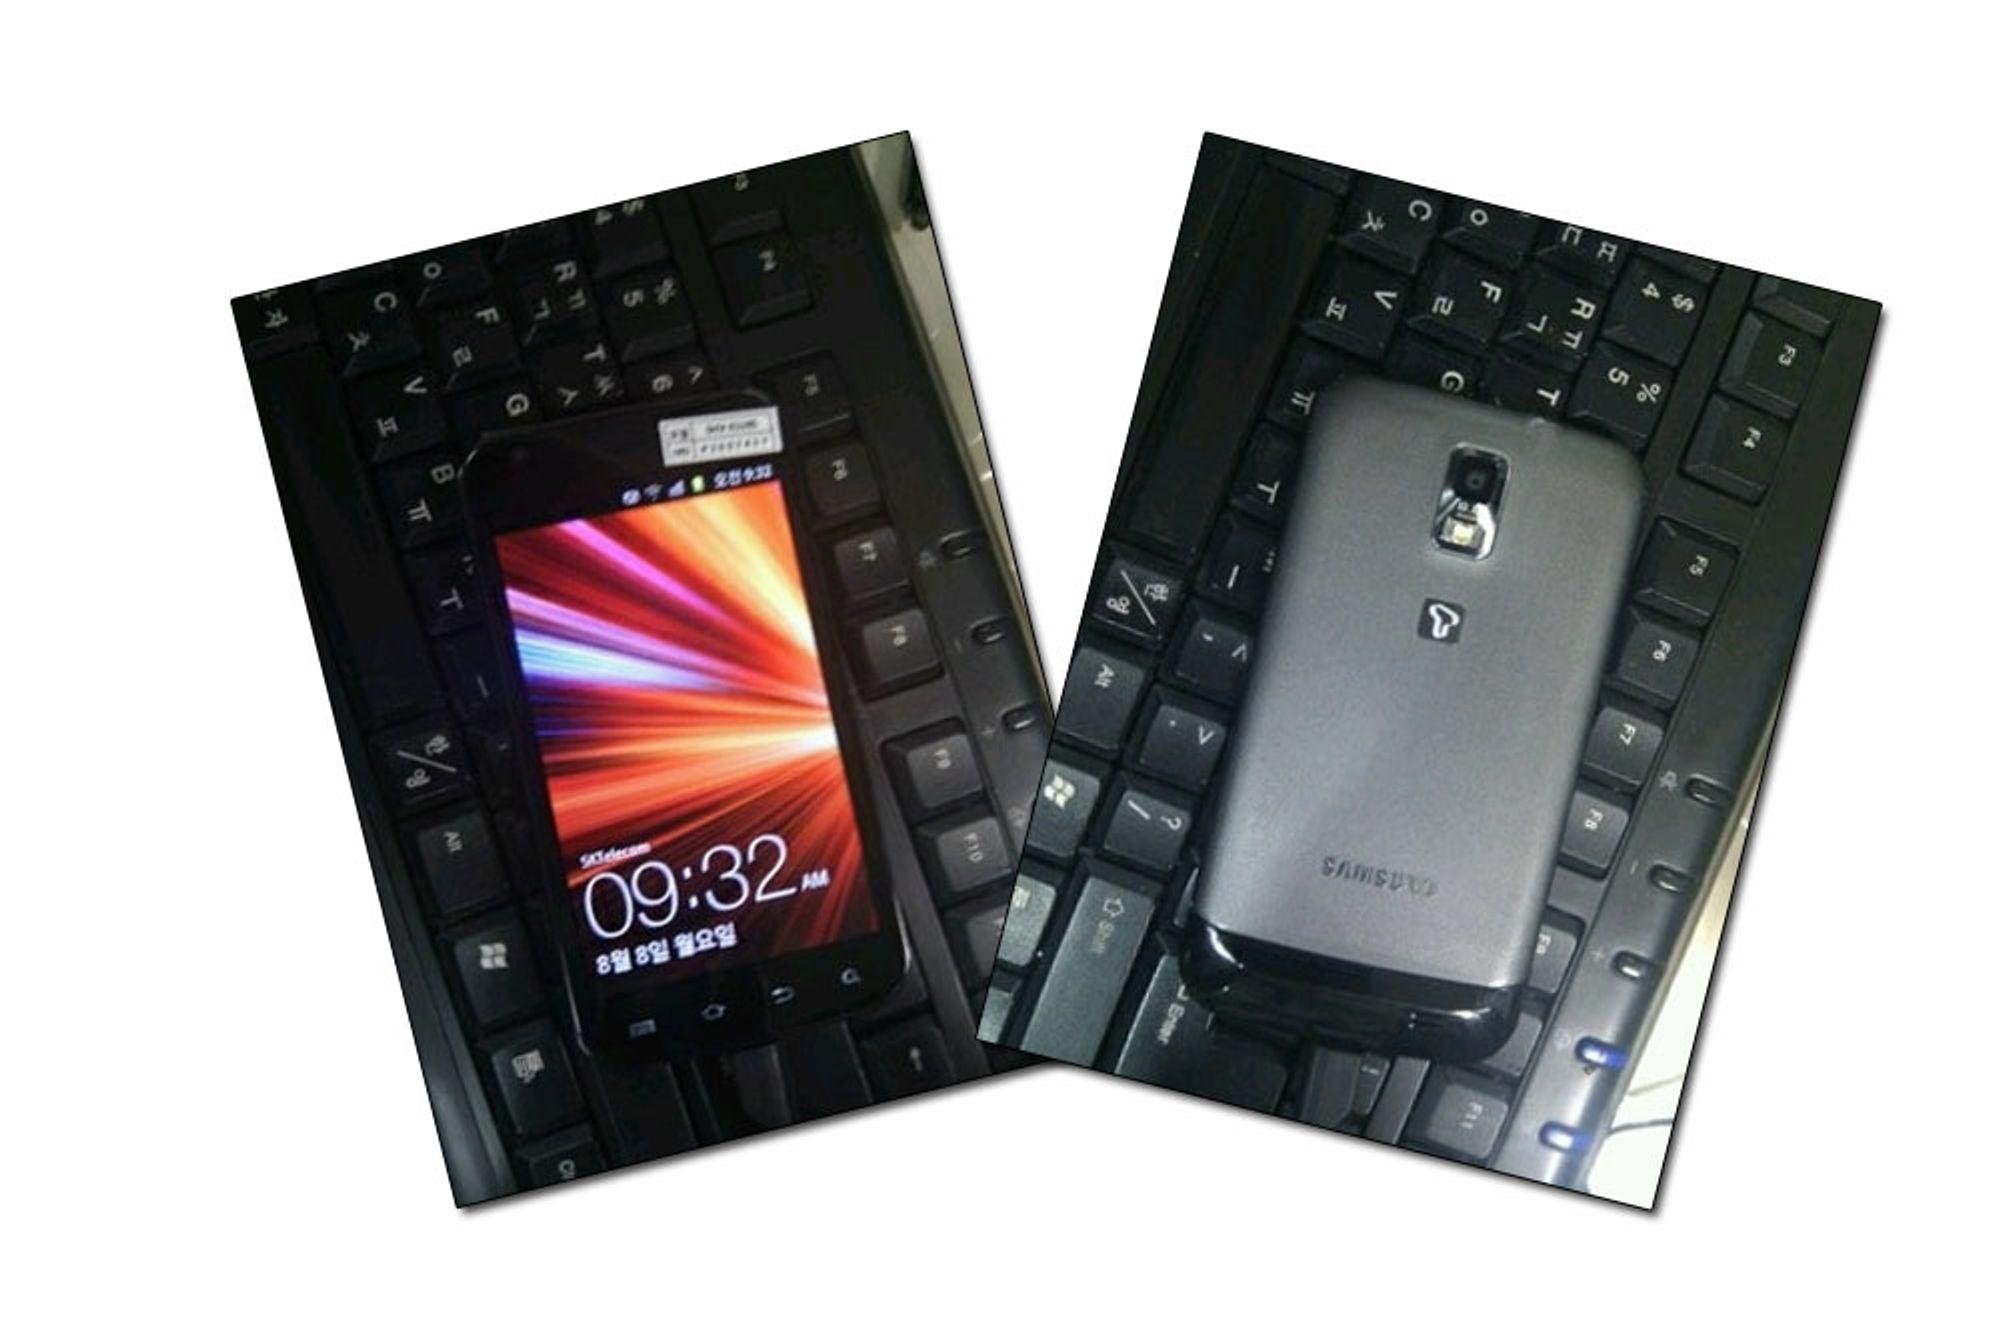 Nye bilder av Samsung Celox